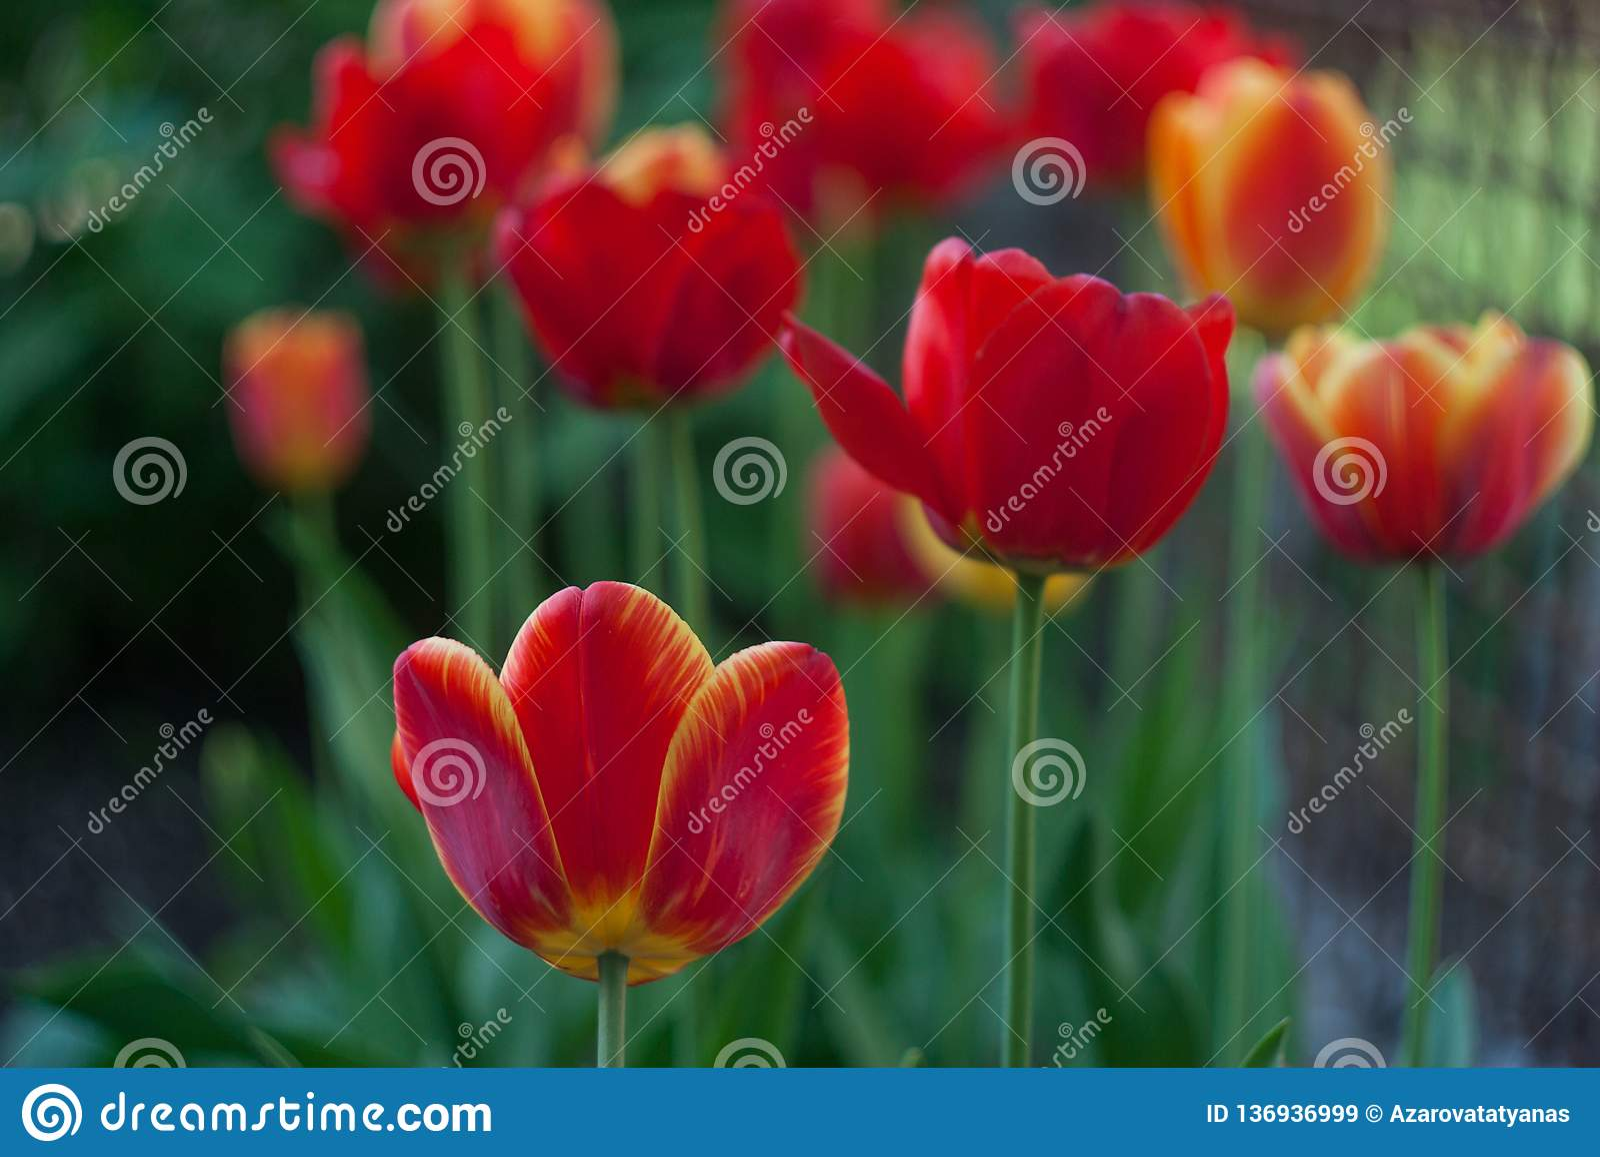 Tulipes rouges dans le jardin vert au printemps